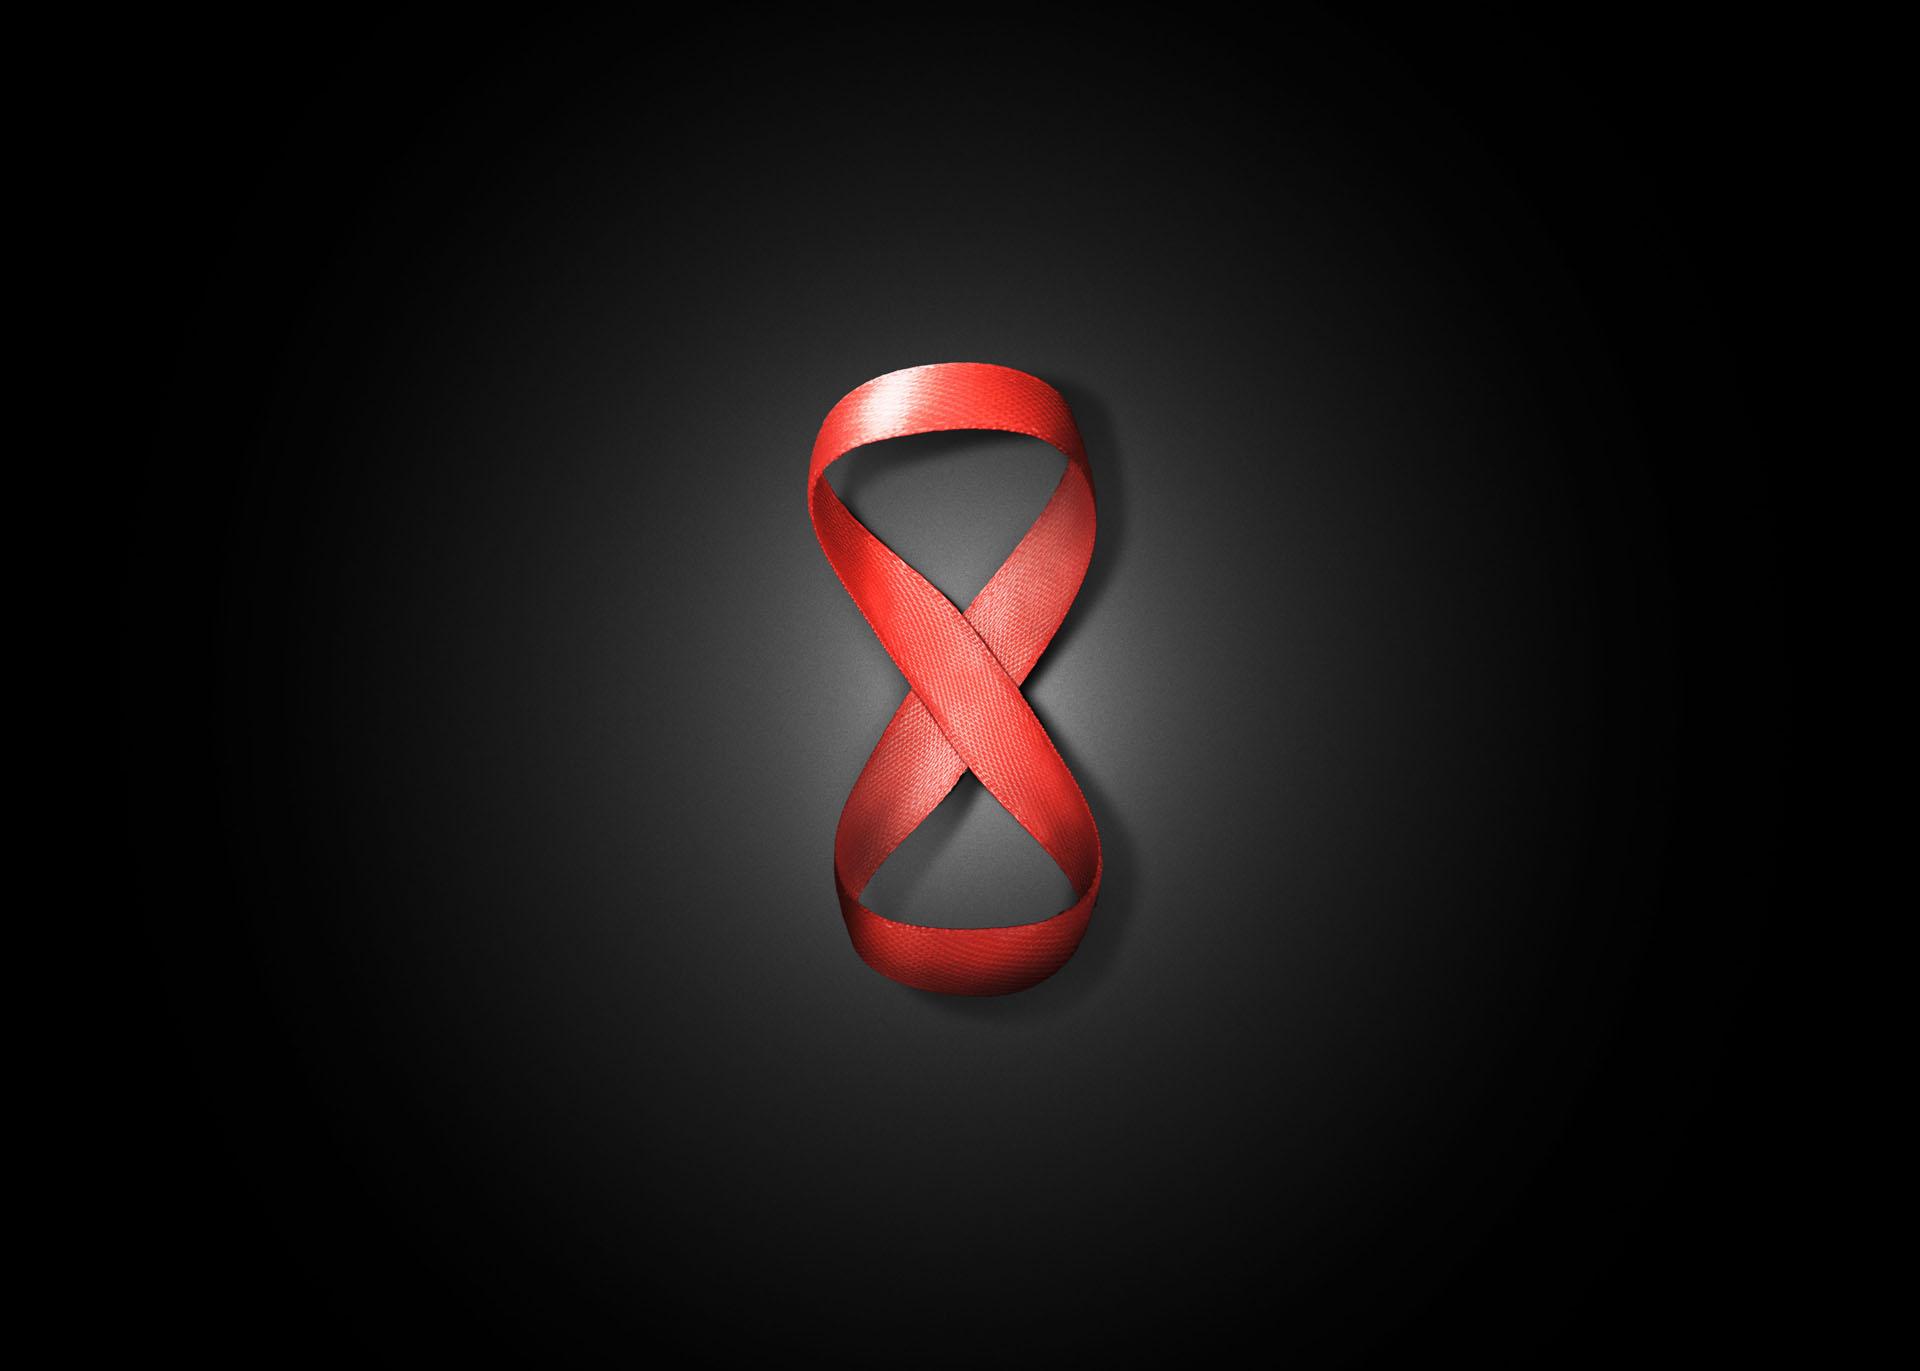 Lorenz-Wahl_ViiV_AIDS-Infinit-Loop_01_RGB.jpg